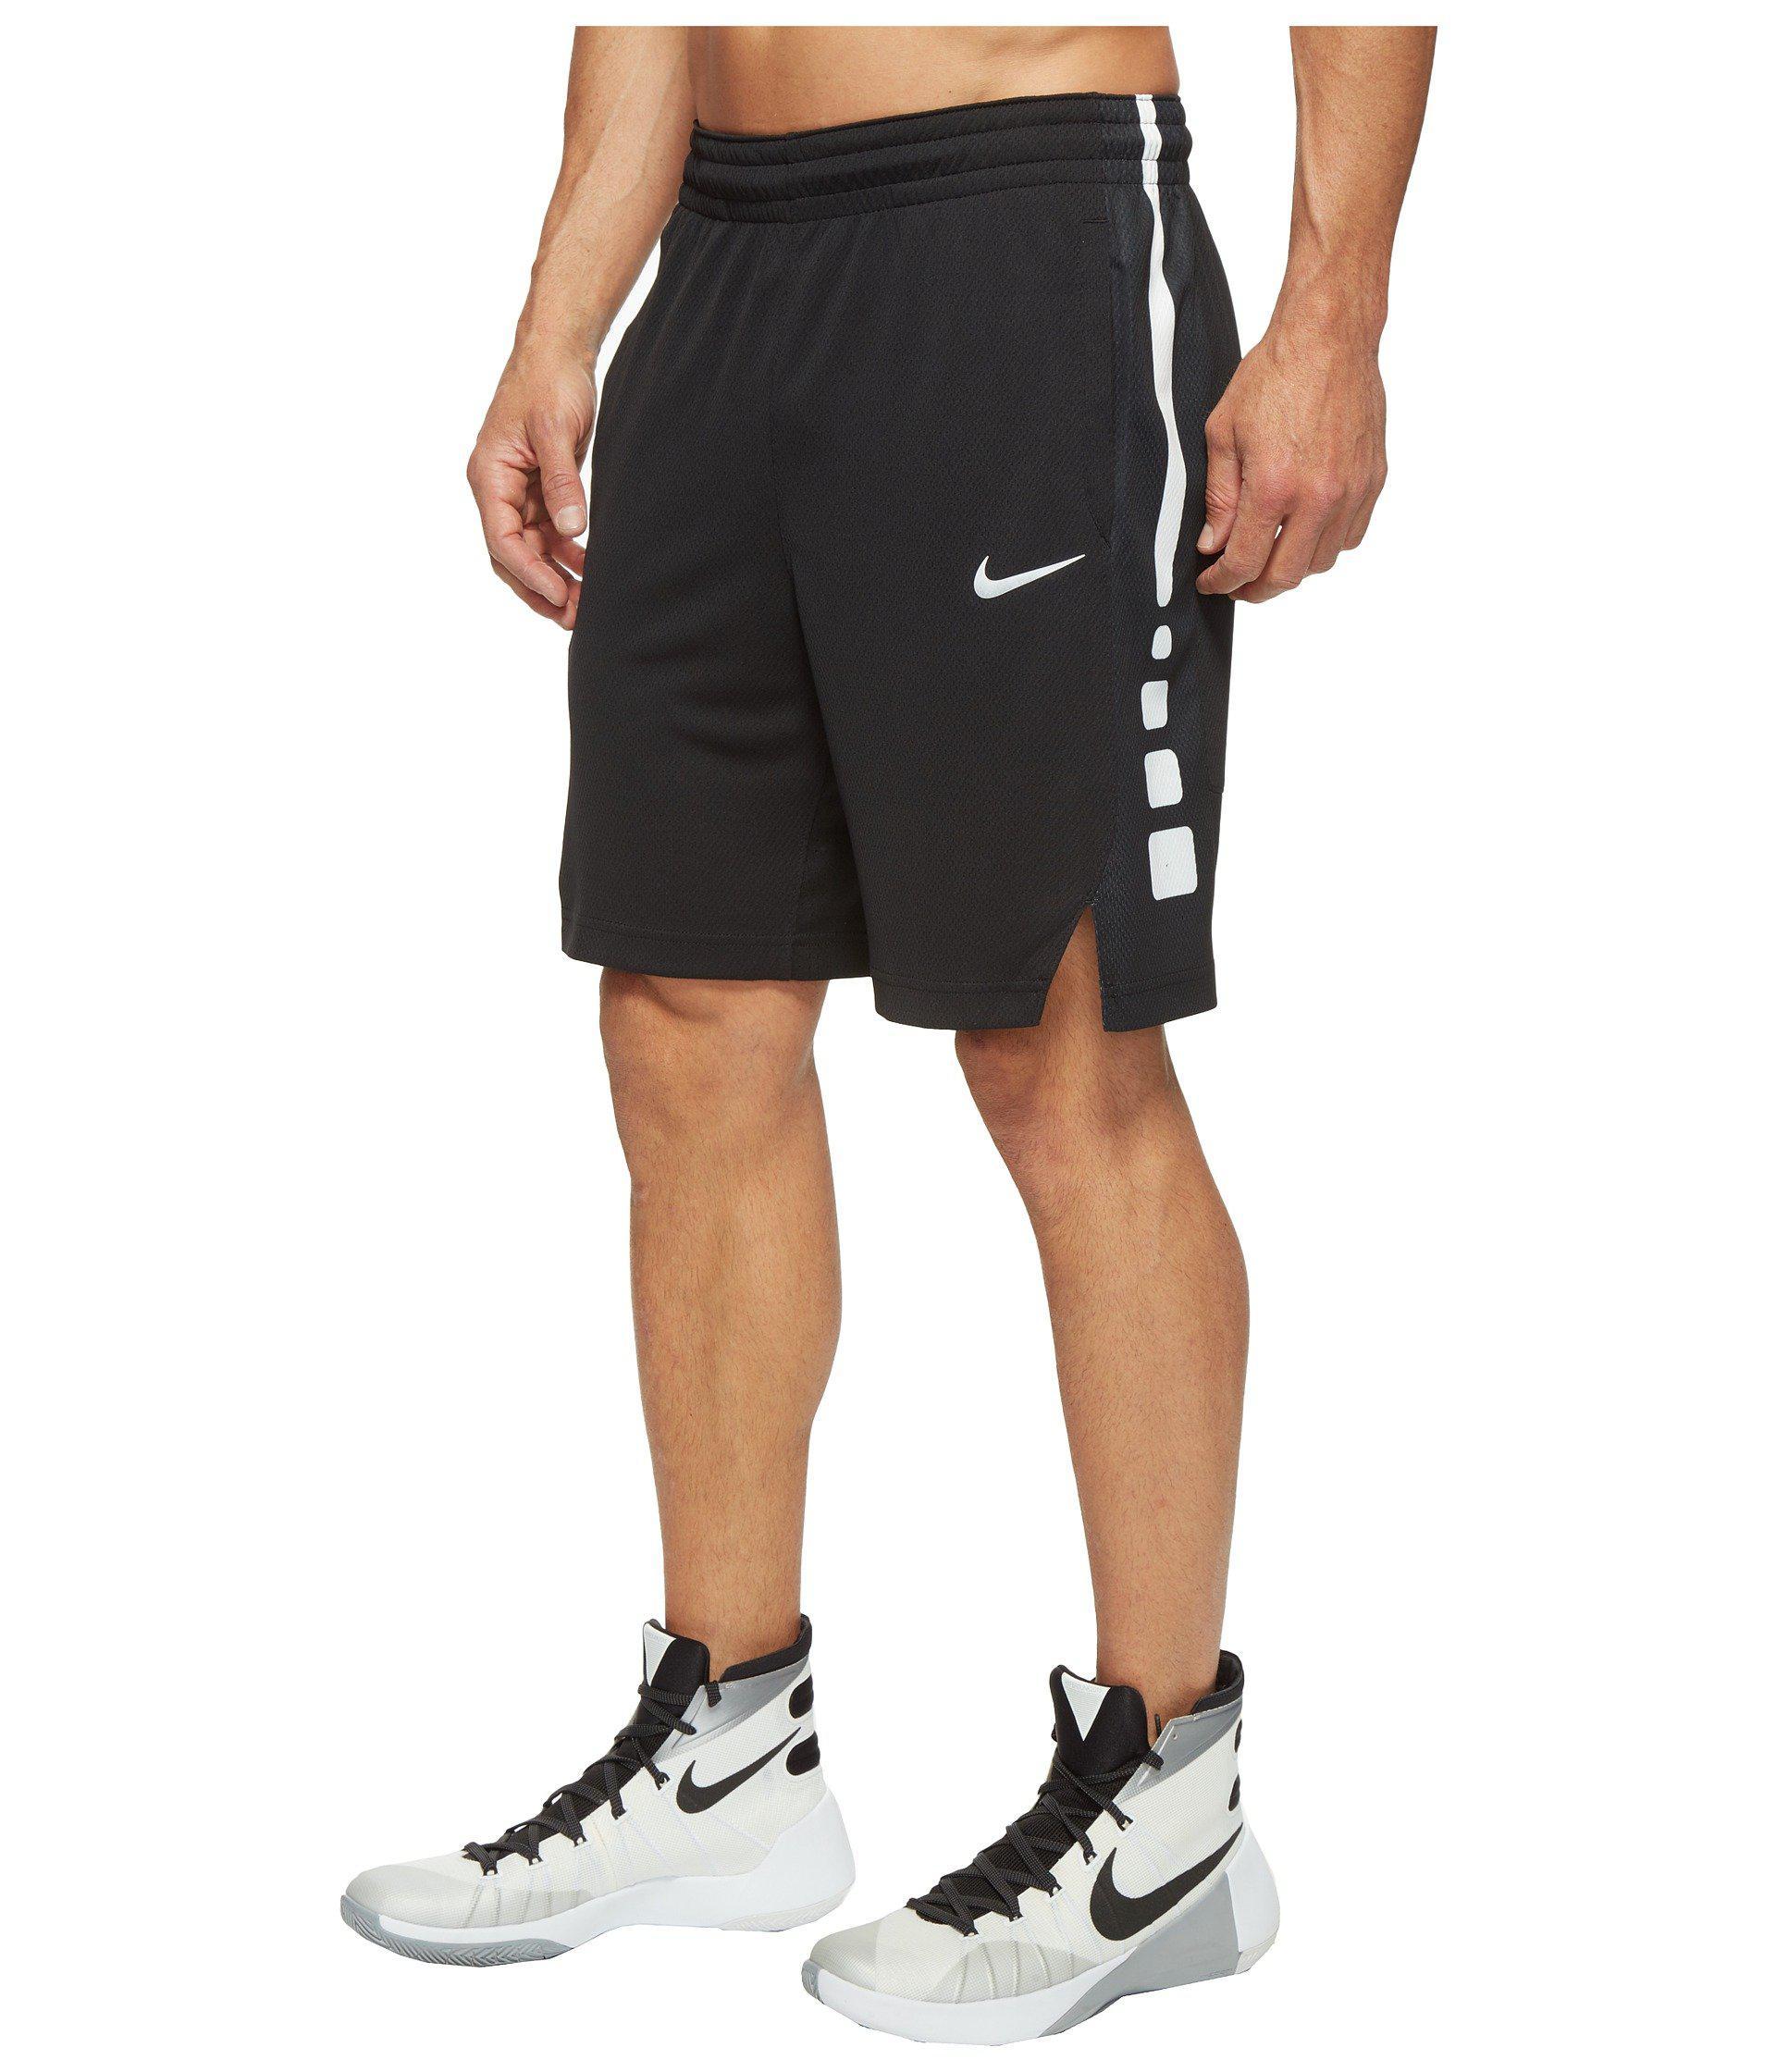 3b3bc822b793 Lyst - Nike Elite Stripe Basketball Short in Black for Men